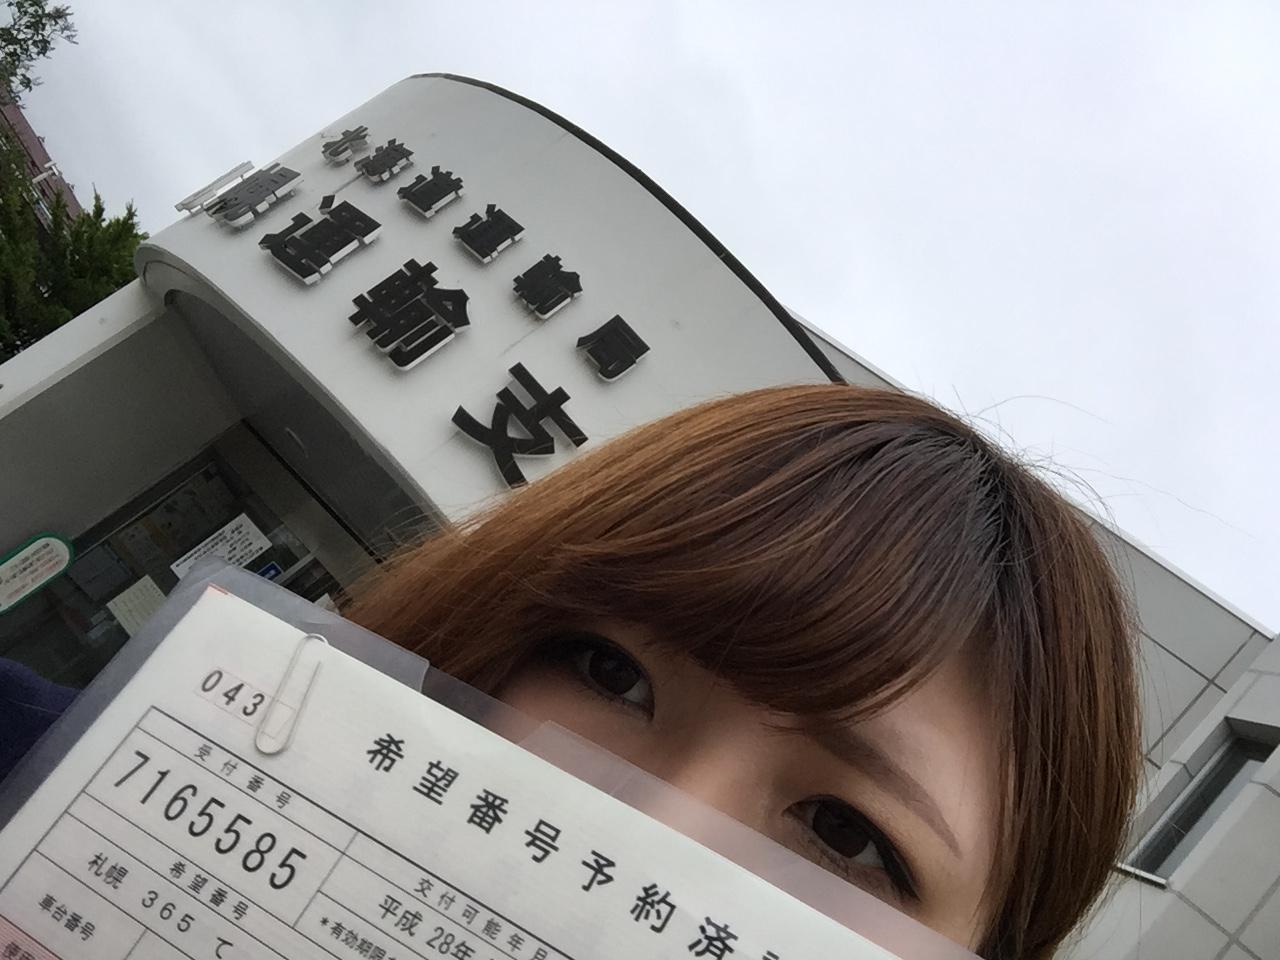 7月19日 火曜日のひとログ( ˘・ω・˘ ) 夏休みのお出かけはTOMMYレンタカーで♫_b0127002_16223826.jpg